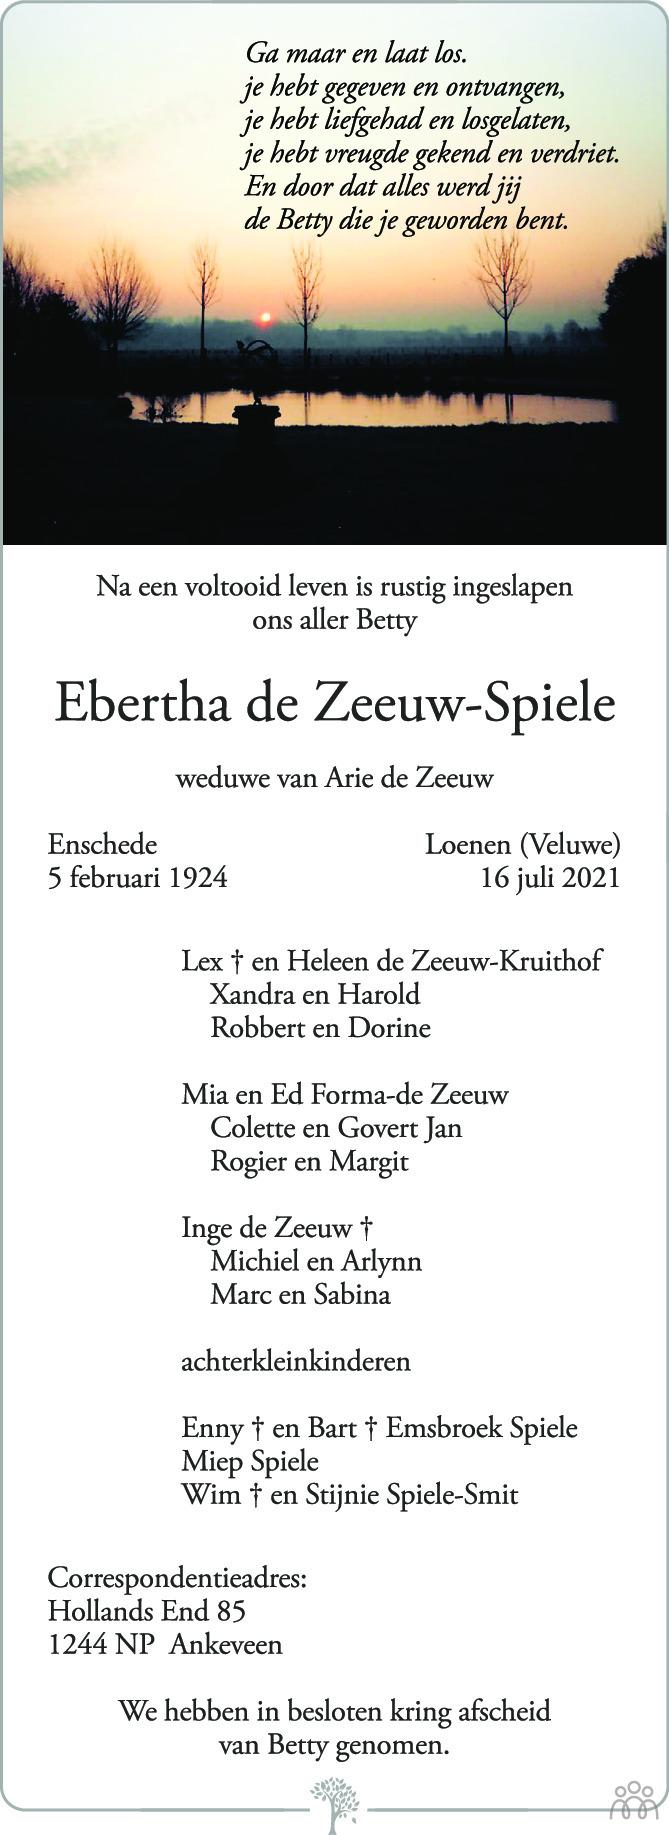 Overlijdensbericht van Ebertha de Zeeuw-Spiele in de Stentor